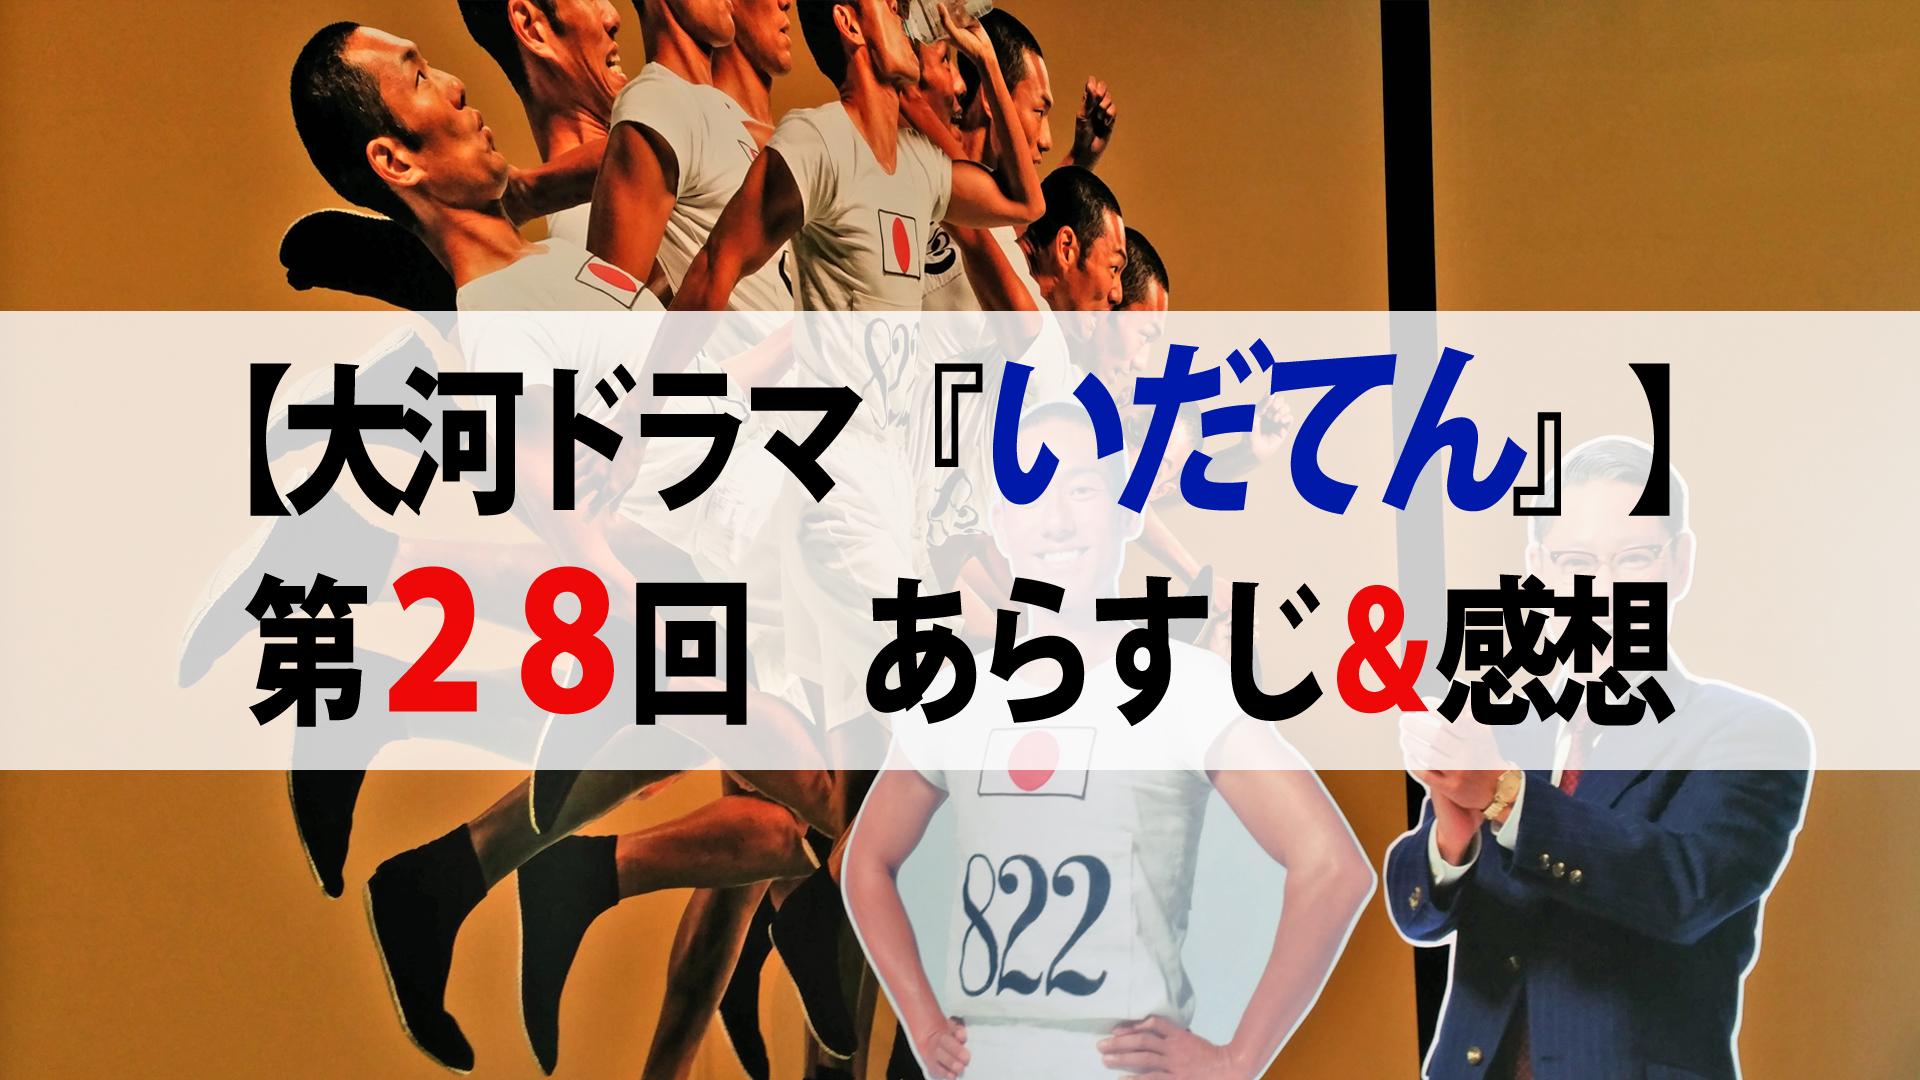 【大河ドラマ『いだてん』】第28回『走れ大地を』あらすじ&感想